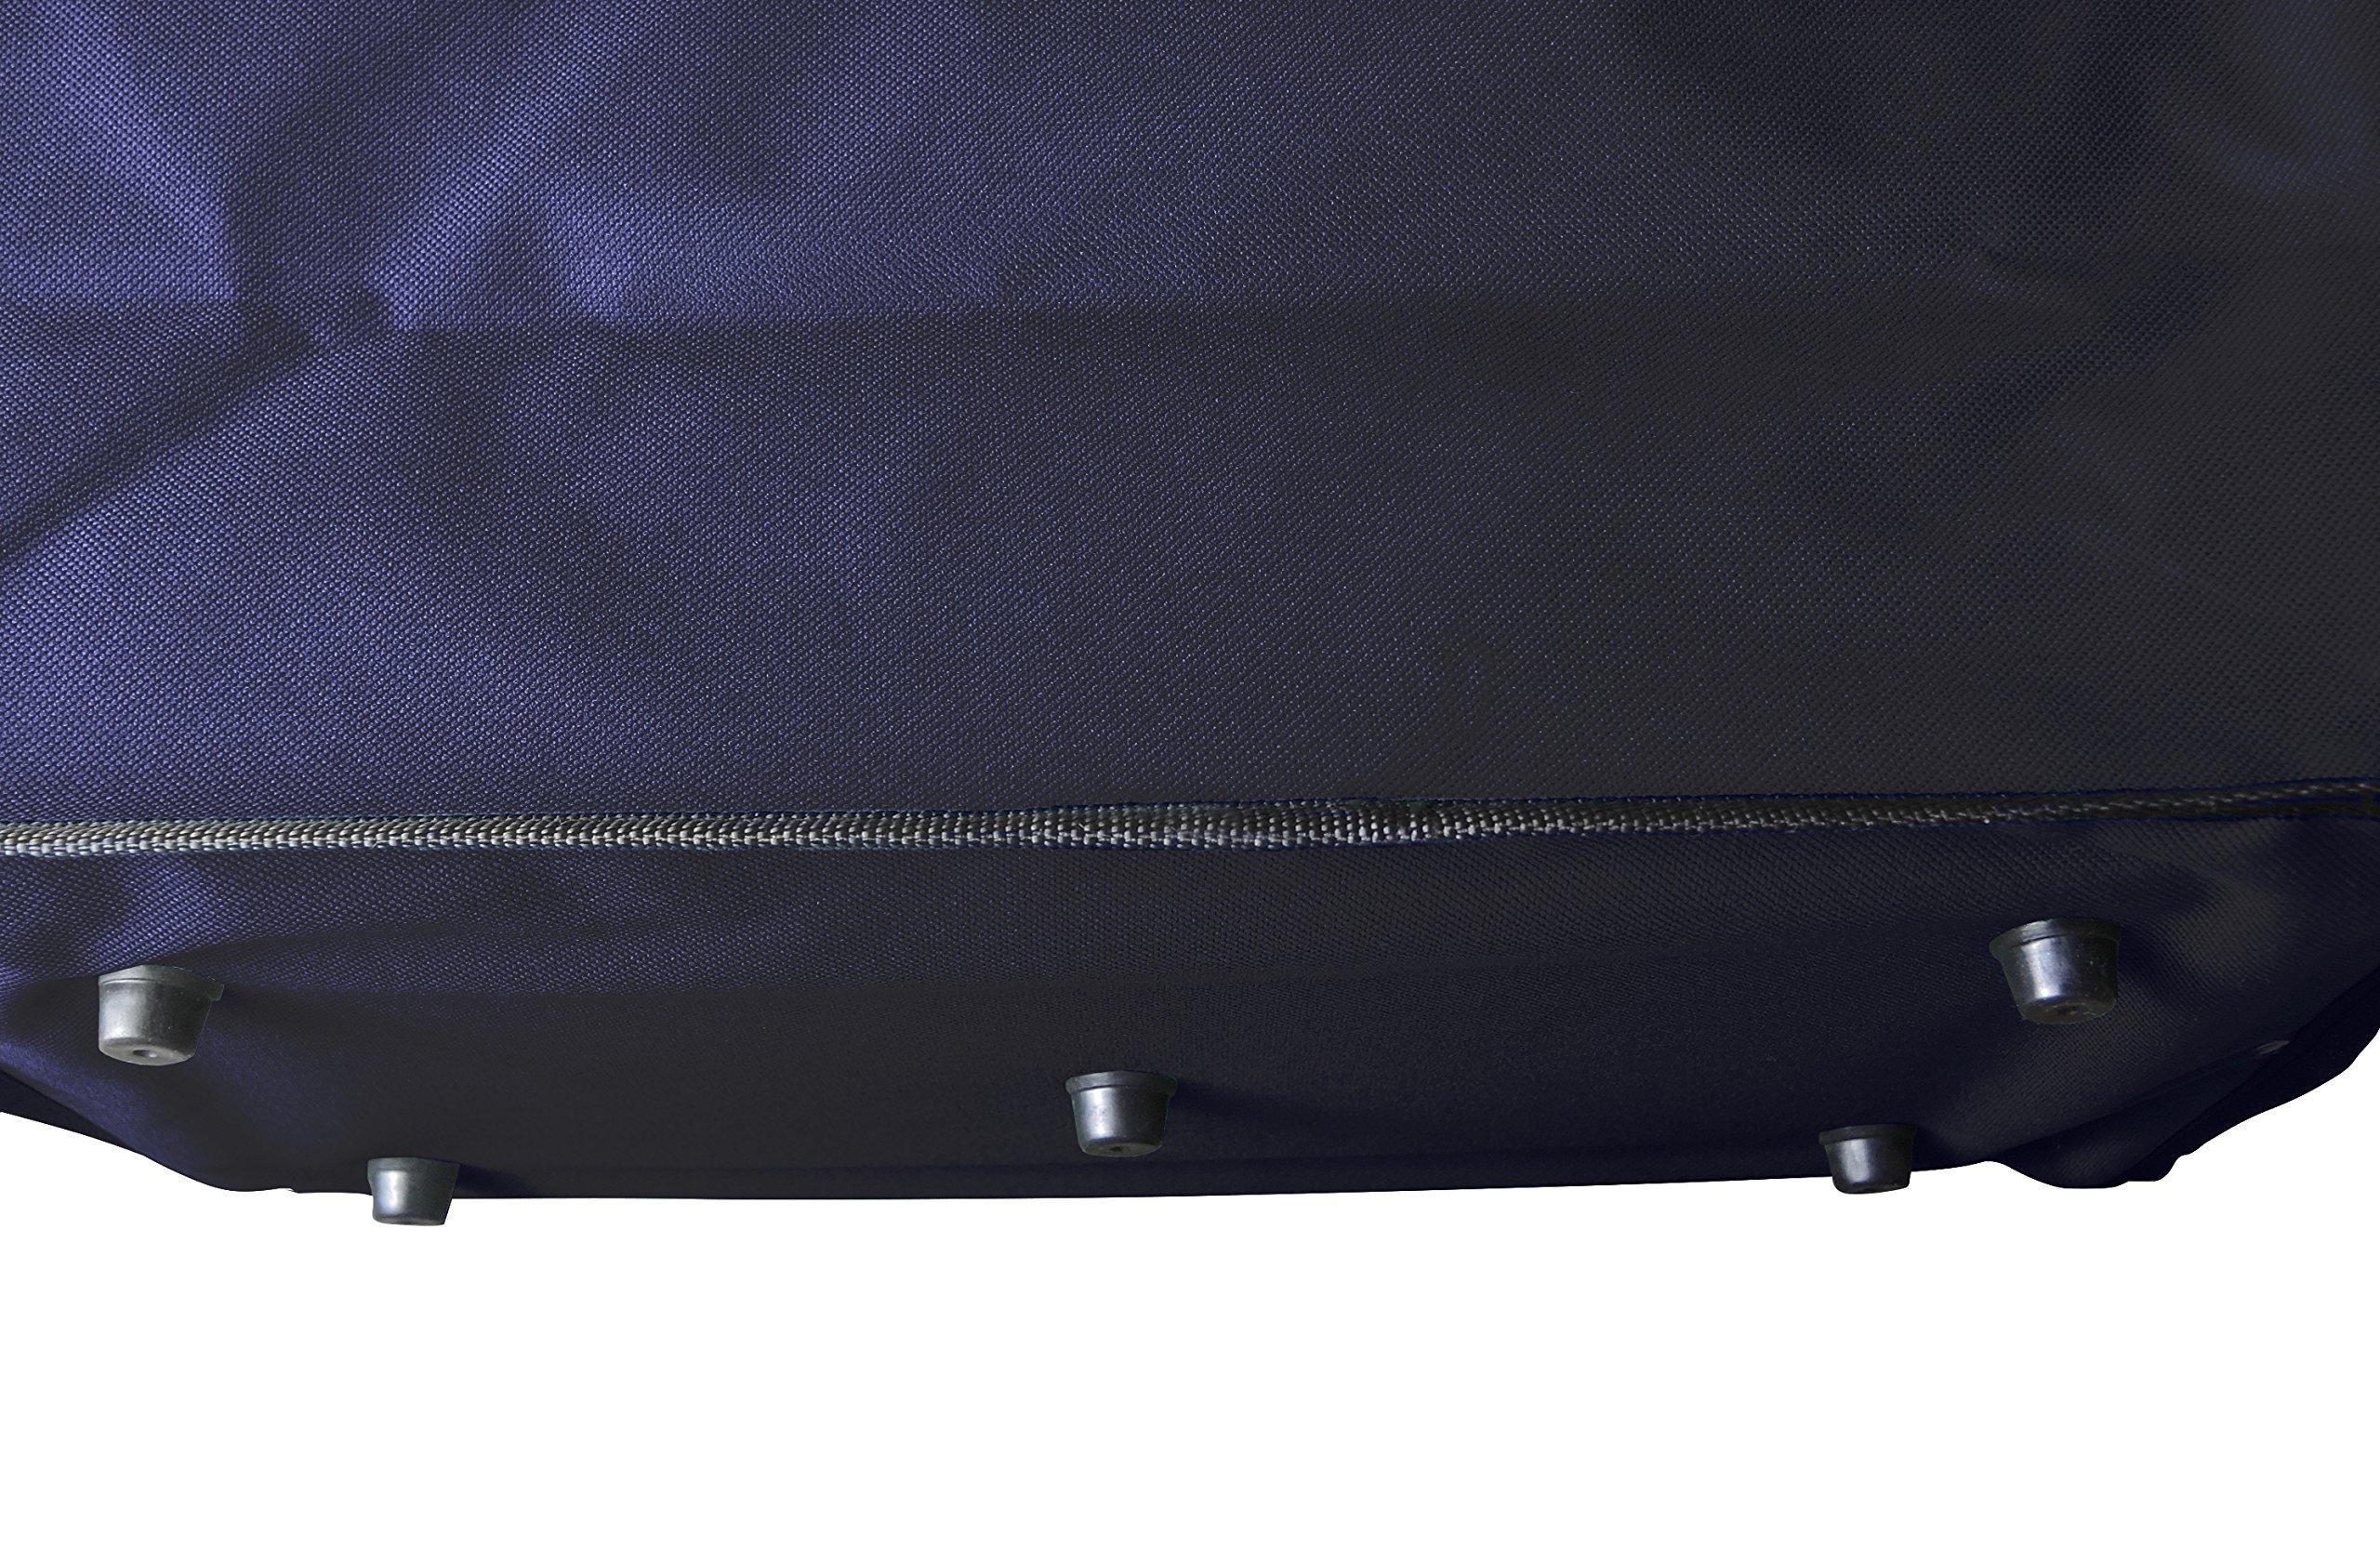 Panier de rangement et organisation comfortable, rectangulaire, cabas pliant MY BASKET TO GO capacité 30 lt pour faire les courses, panier á linge, lèger et durable, sac de plage resistant, couleur BLEU